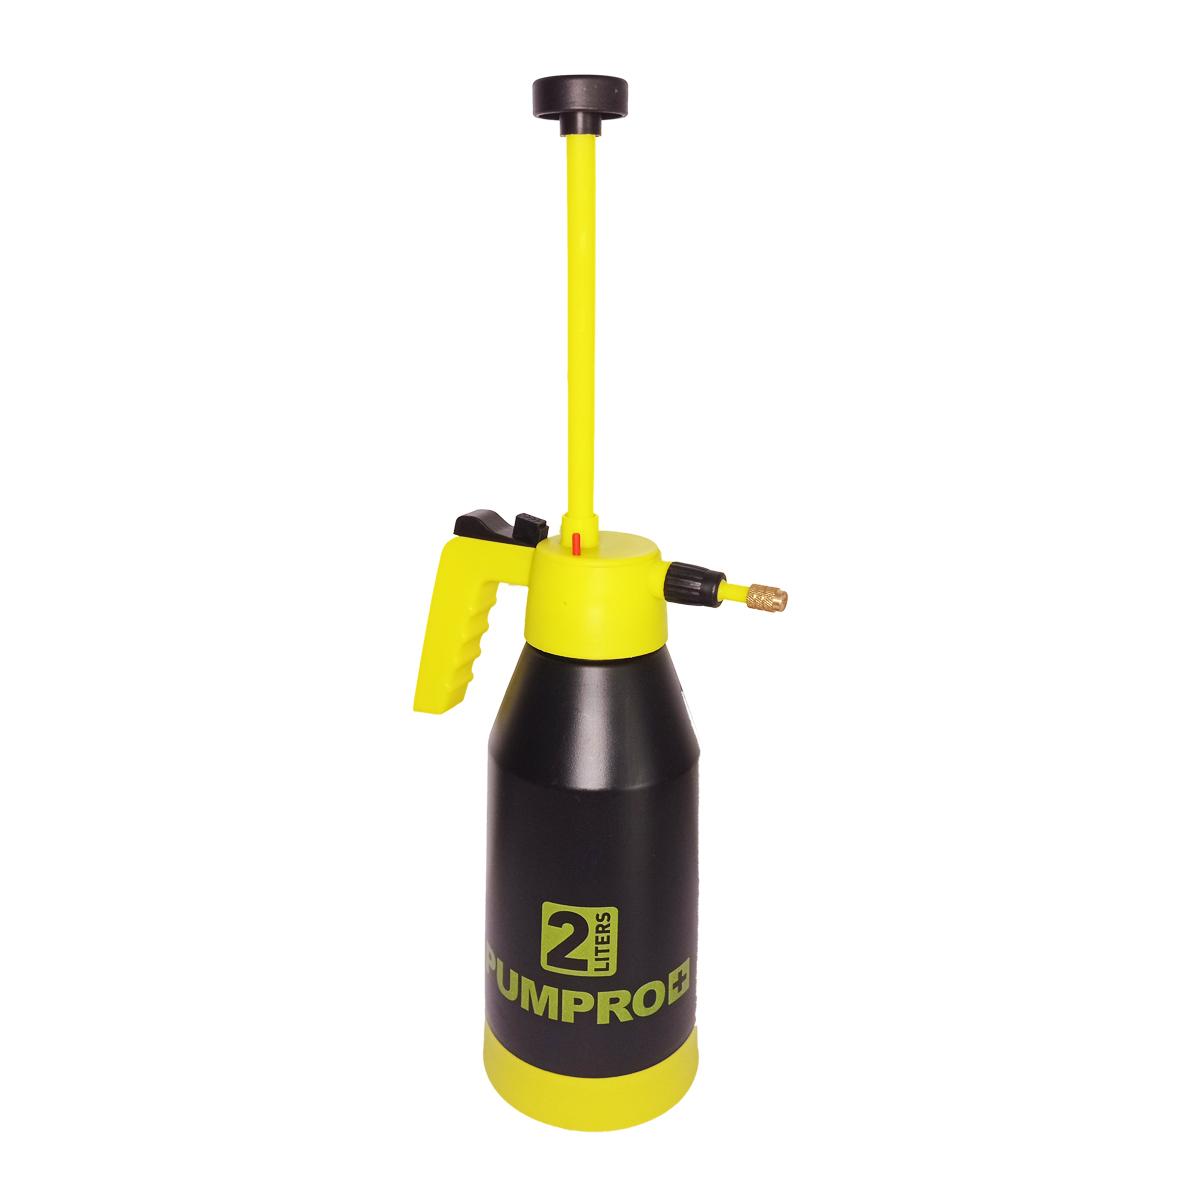 Pulverizador PUMPRO  2 Litros